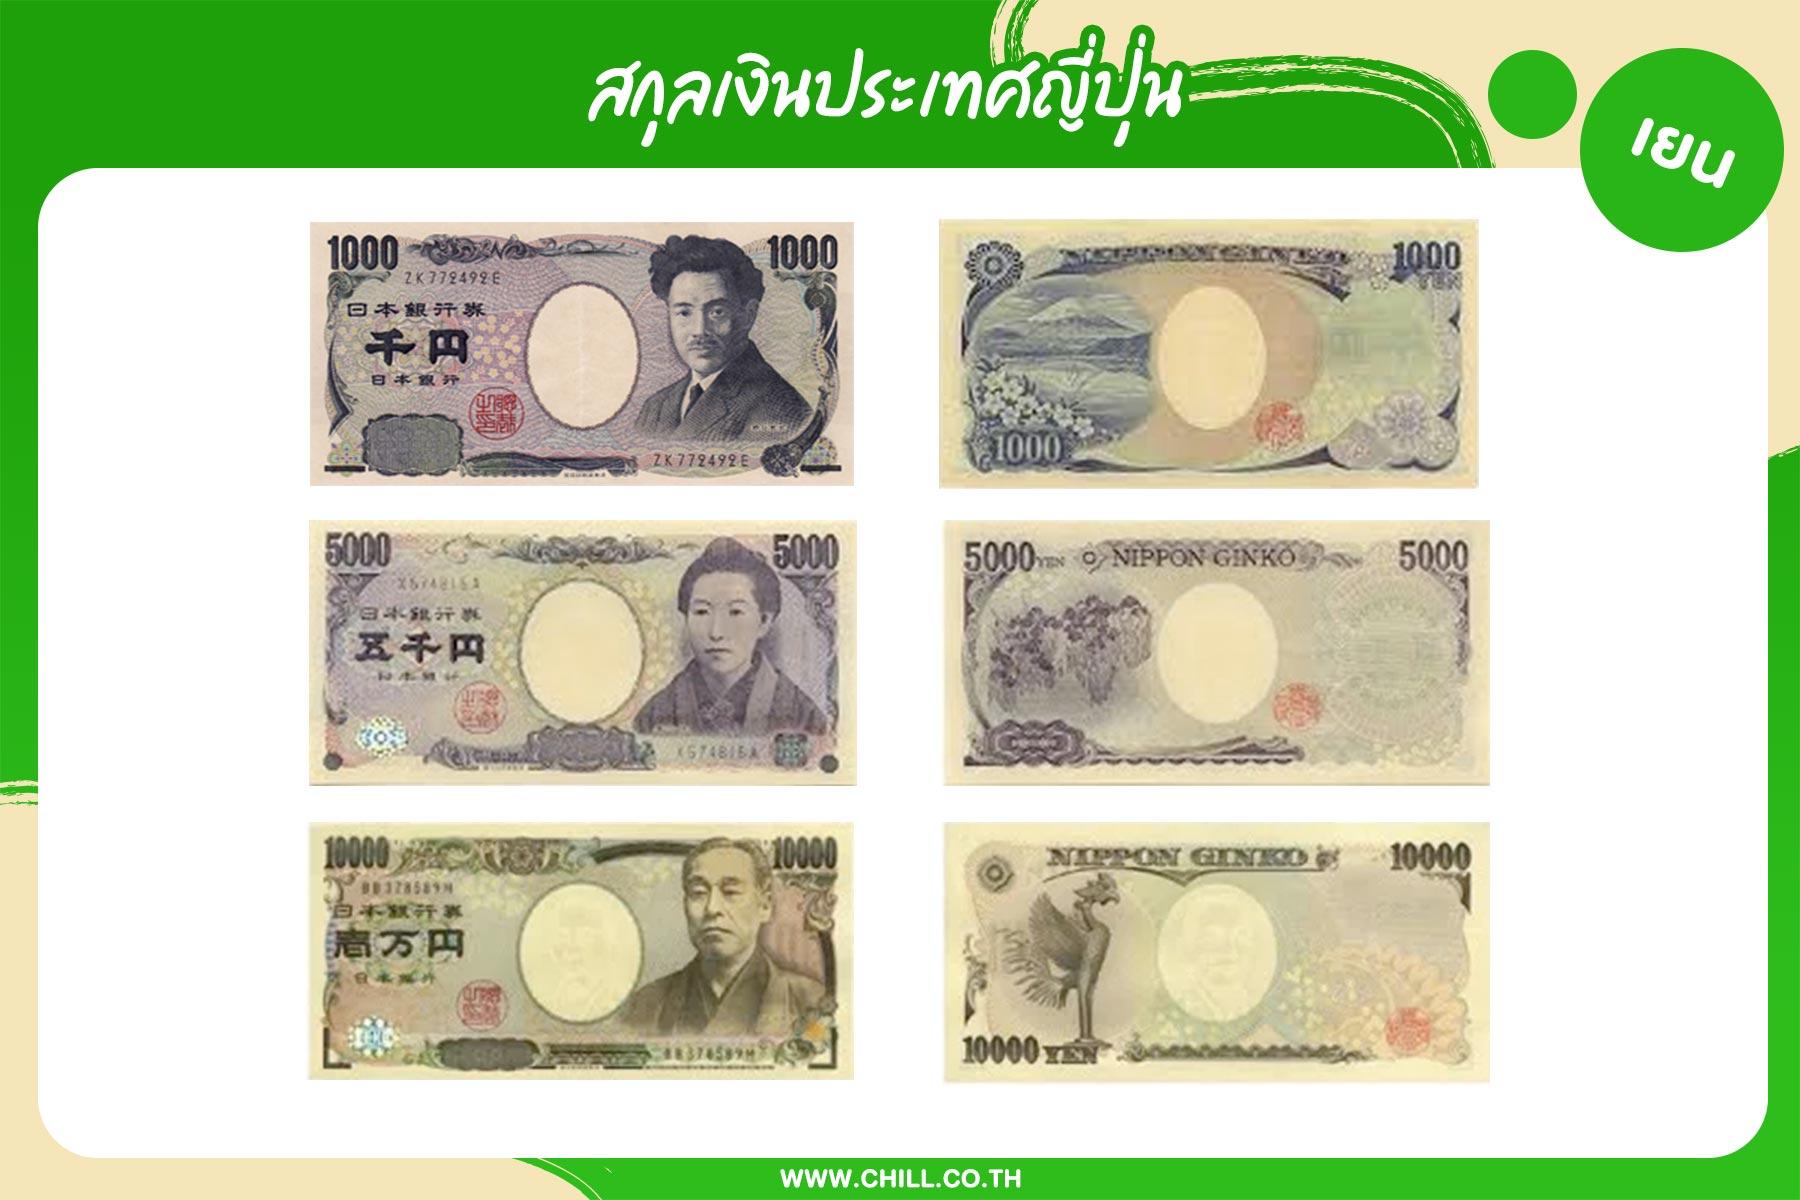 สกุลเงินประเทศญี่ปุ่น